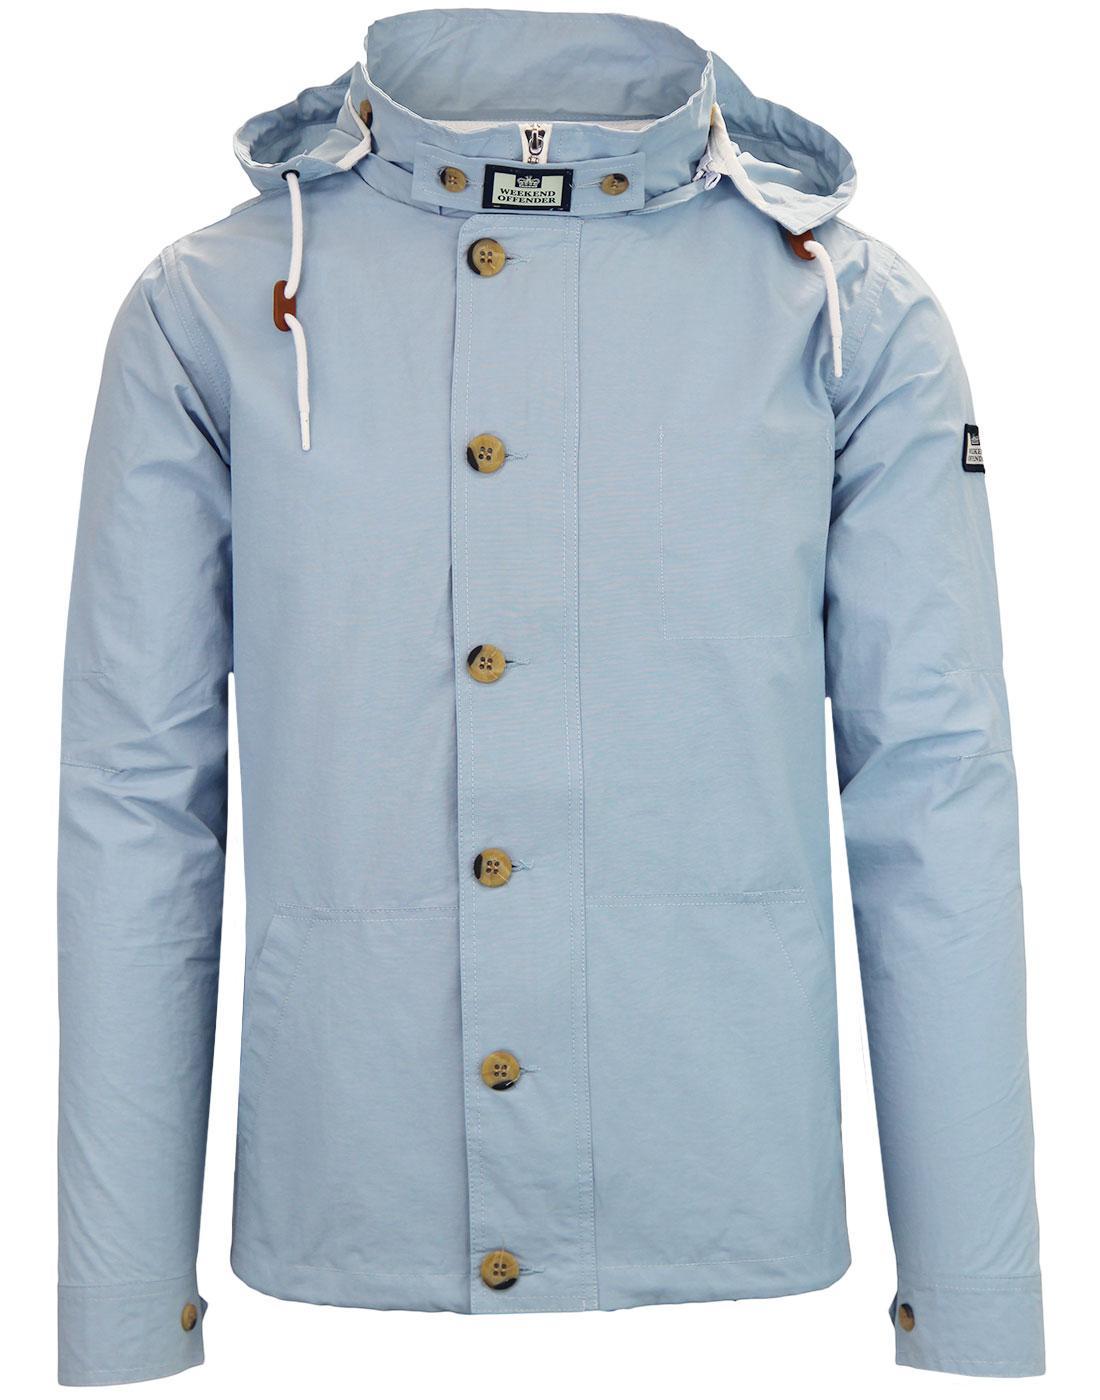 Burgess WEEKEND OFFENDER Retro Hooded Jacket SKY